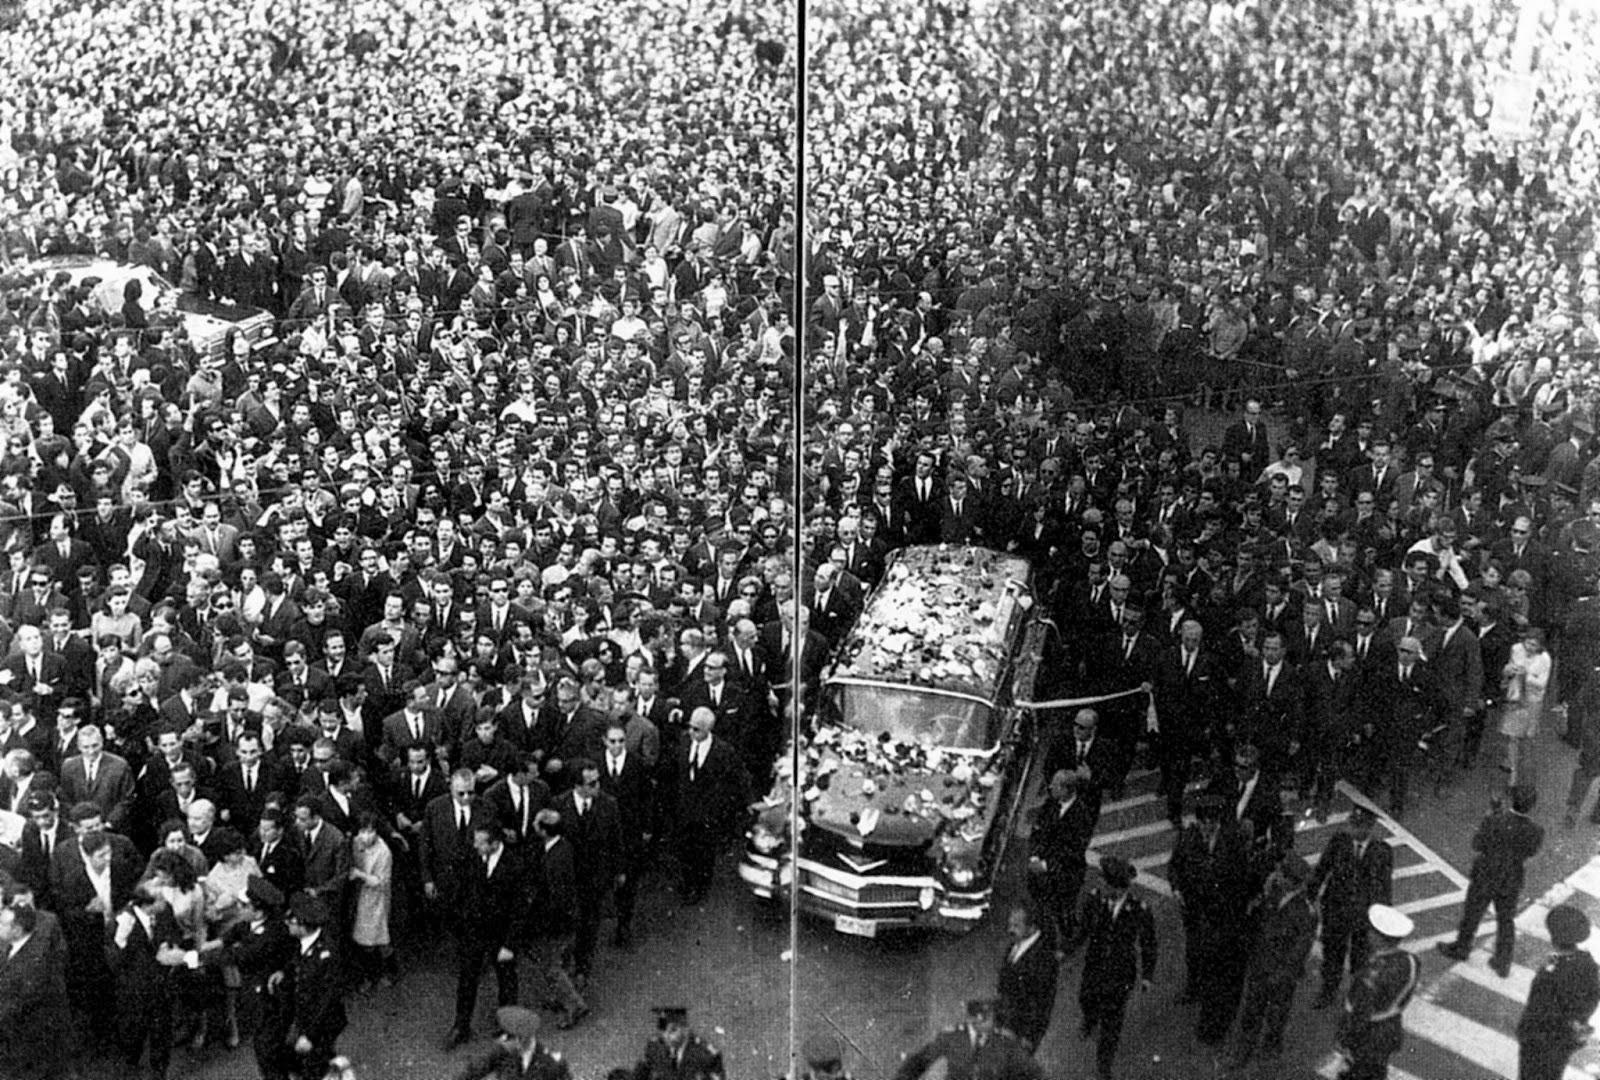 Η κηδεία του Γ. Σεφέρη μετατράπηκε σε διαδήλωση κατά της Χούντας.